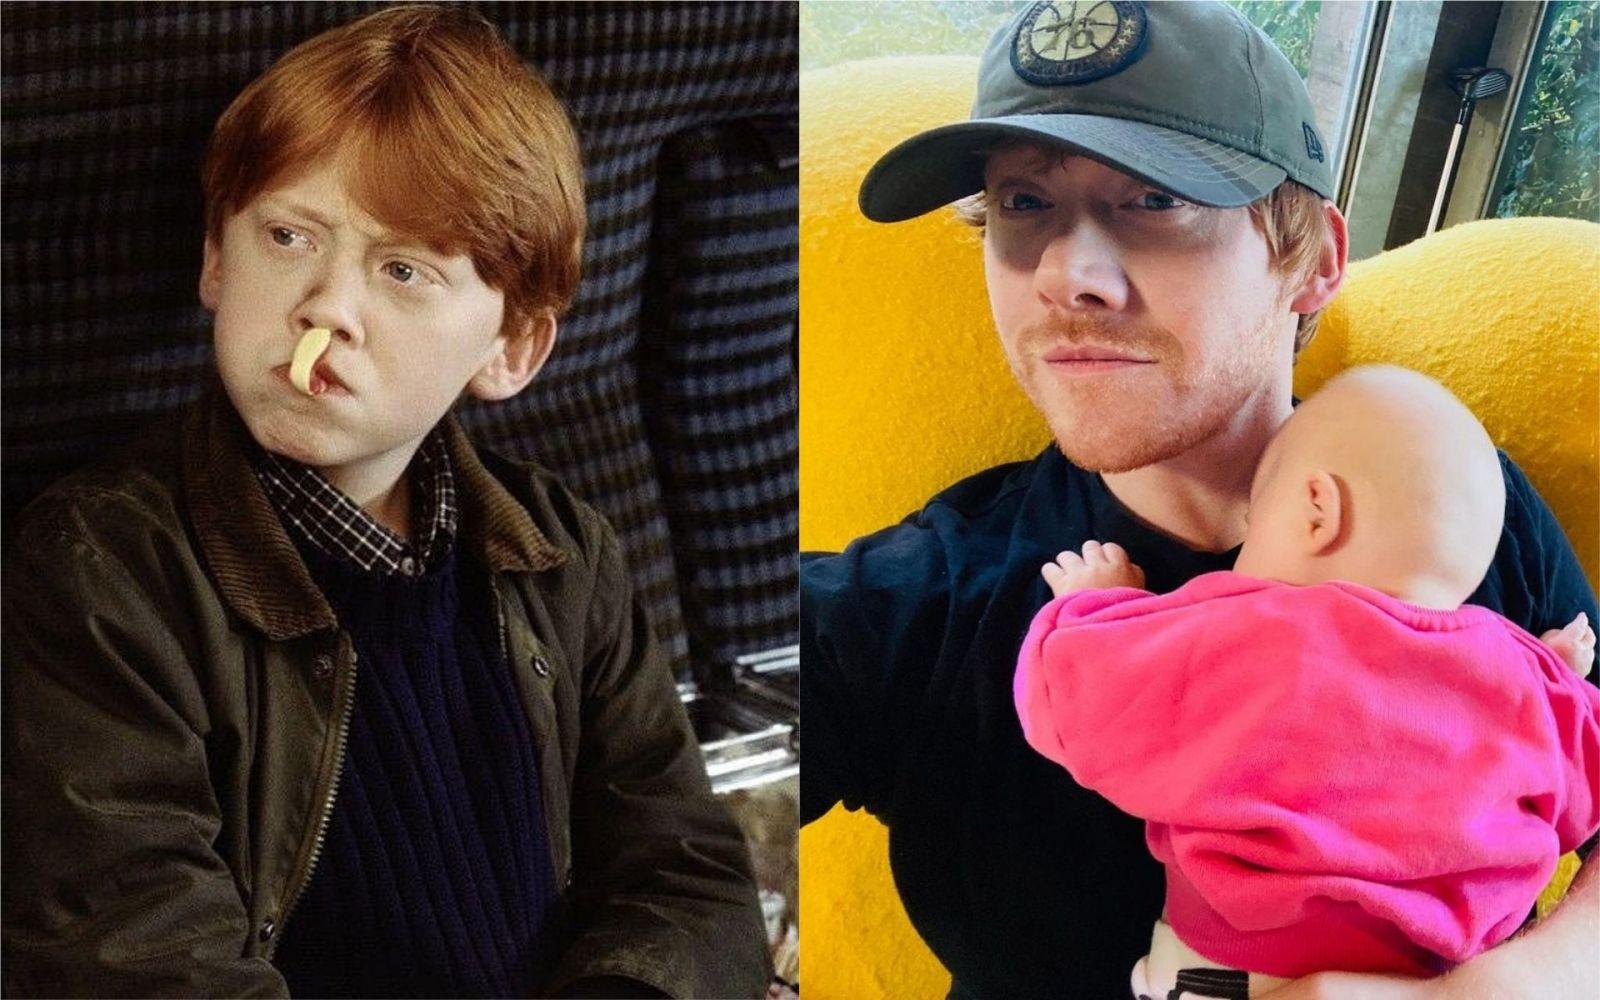 Ron Weasley/Rupert Grint